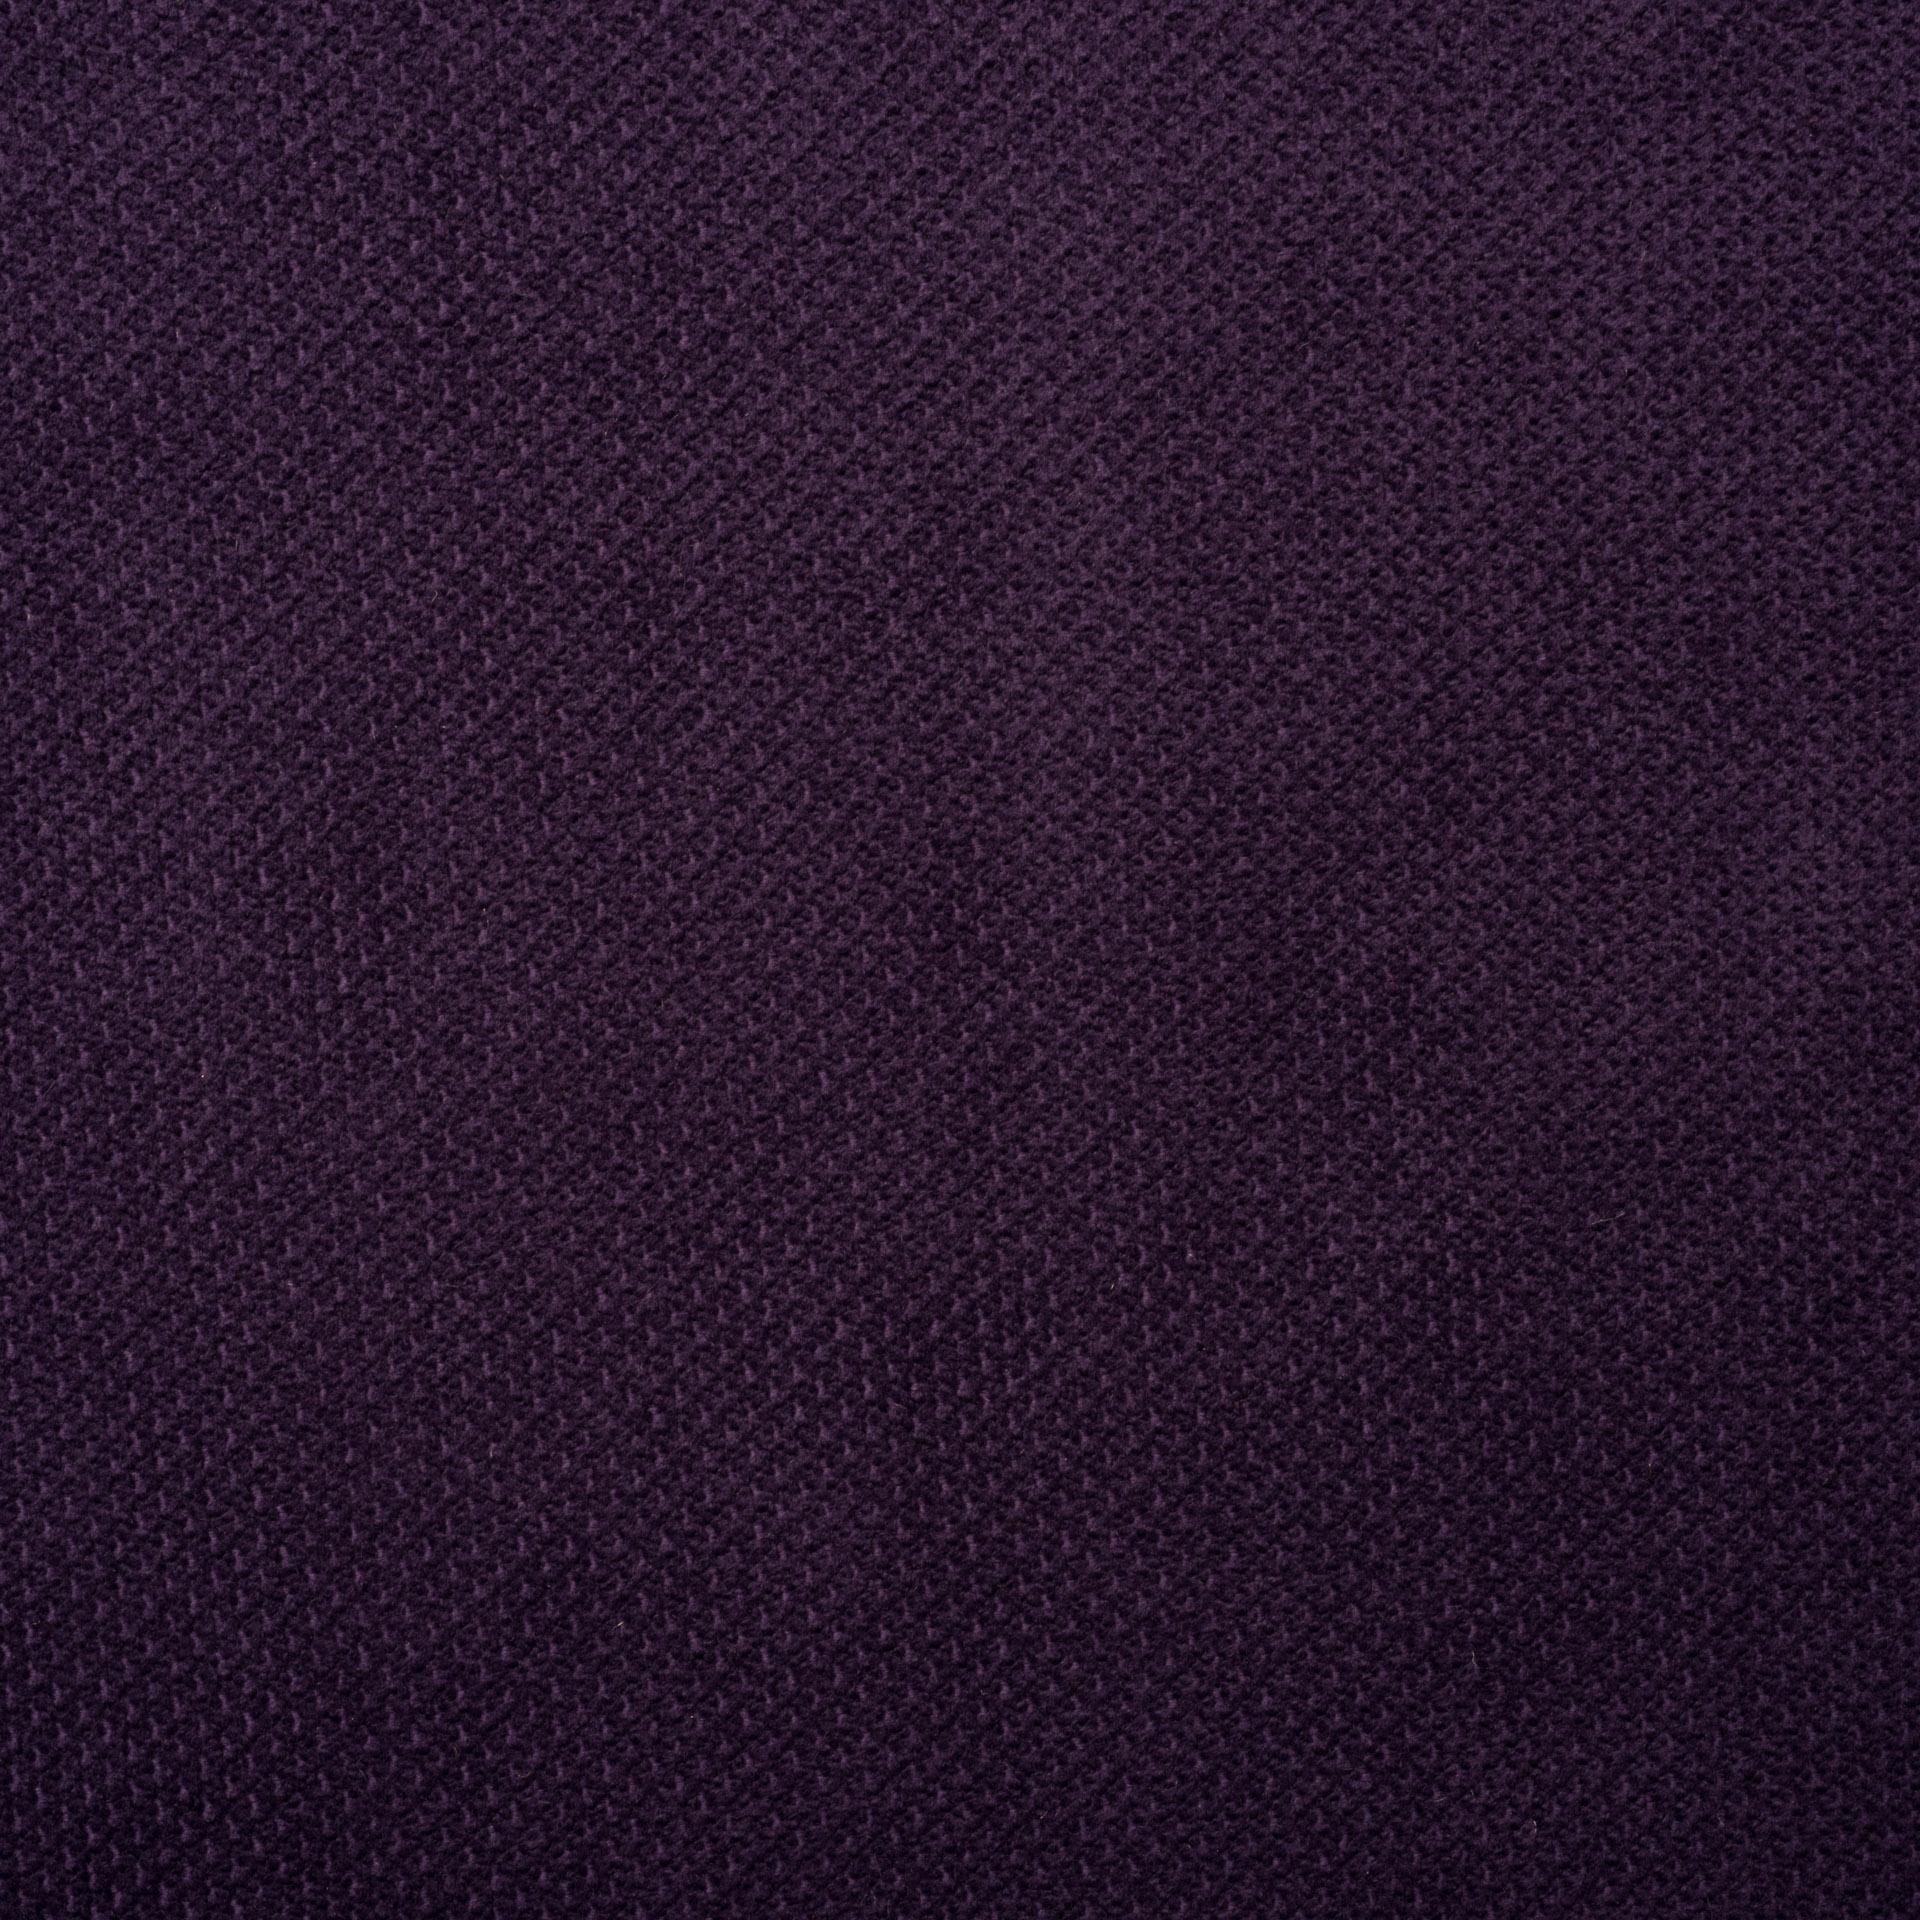 Коллекция ткани Дели 12 VIOLET,  купить ткань Жаккард для мебели Украина